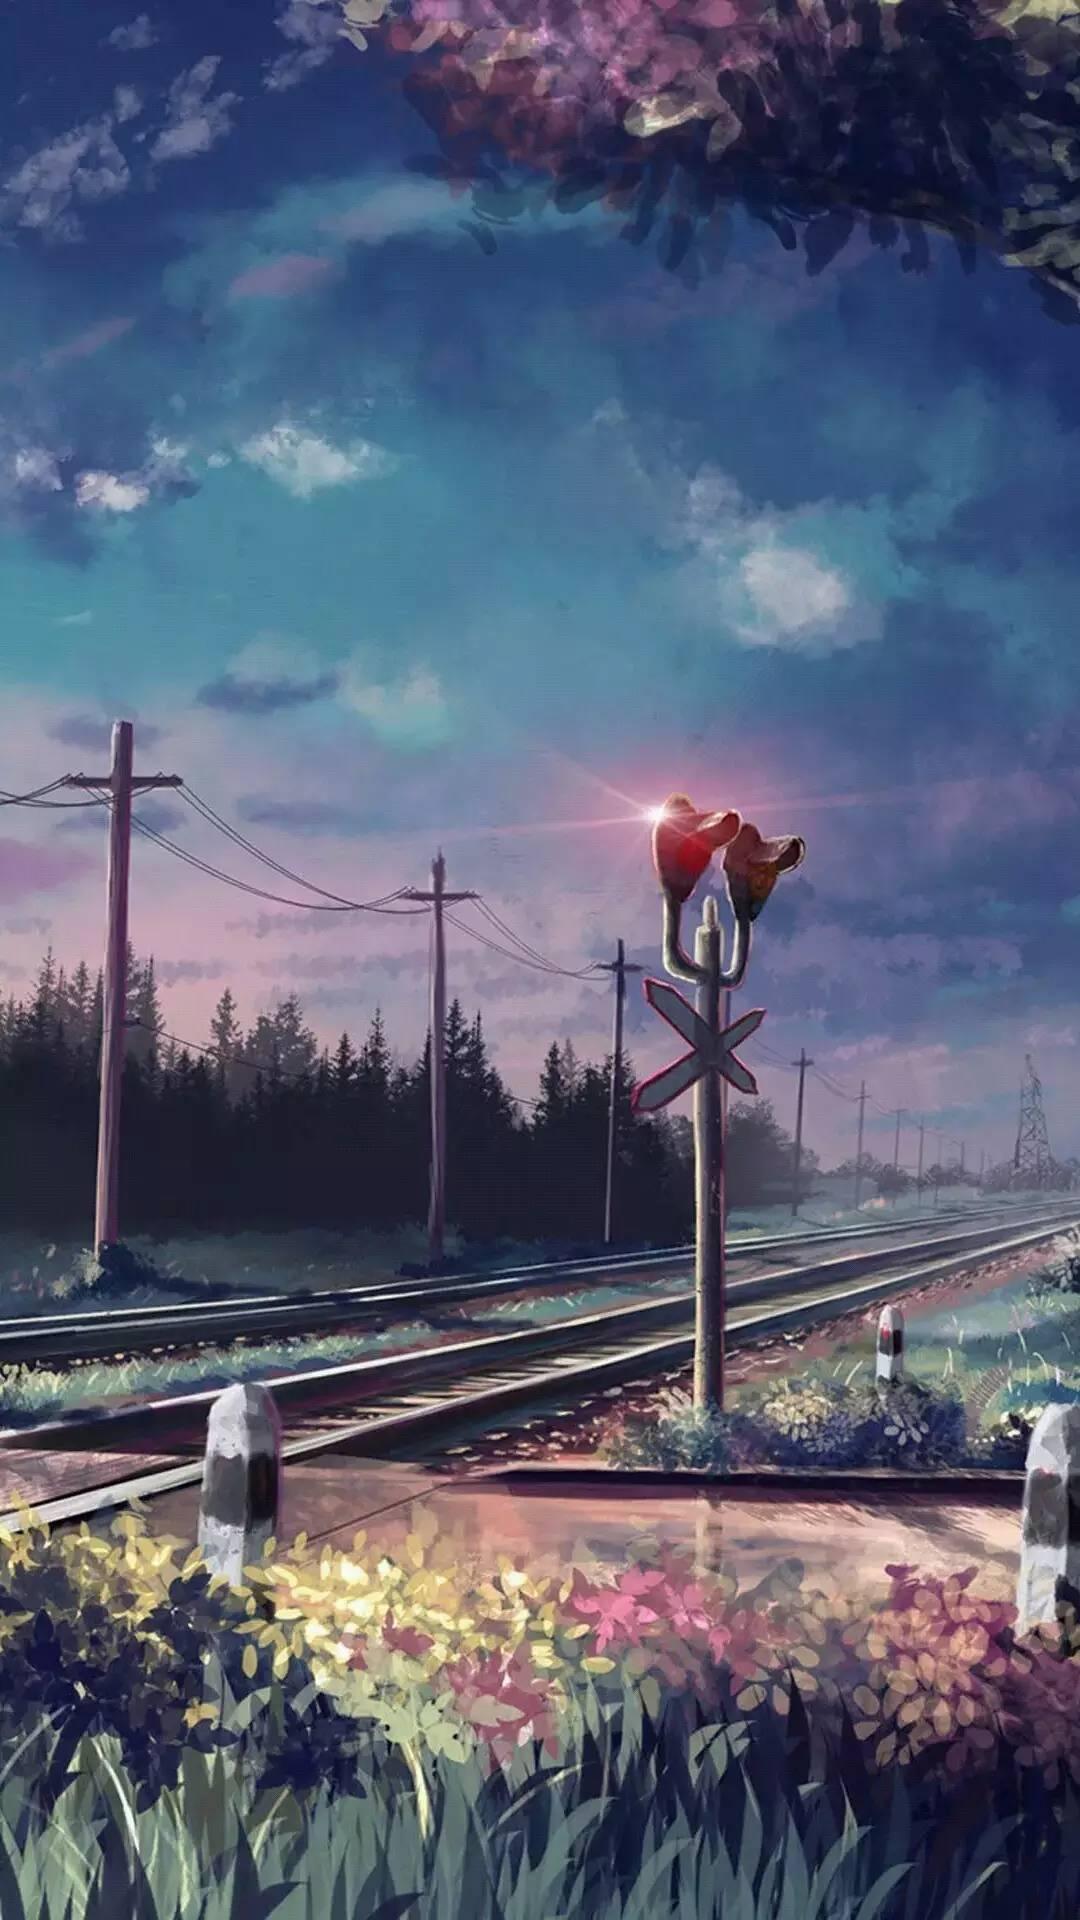 唯美动漫风景手机壁纸图片